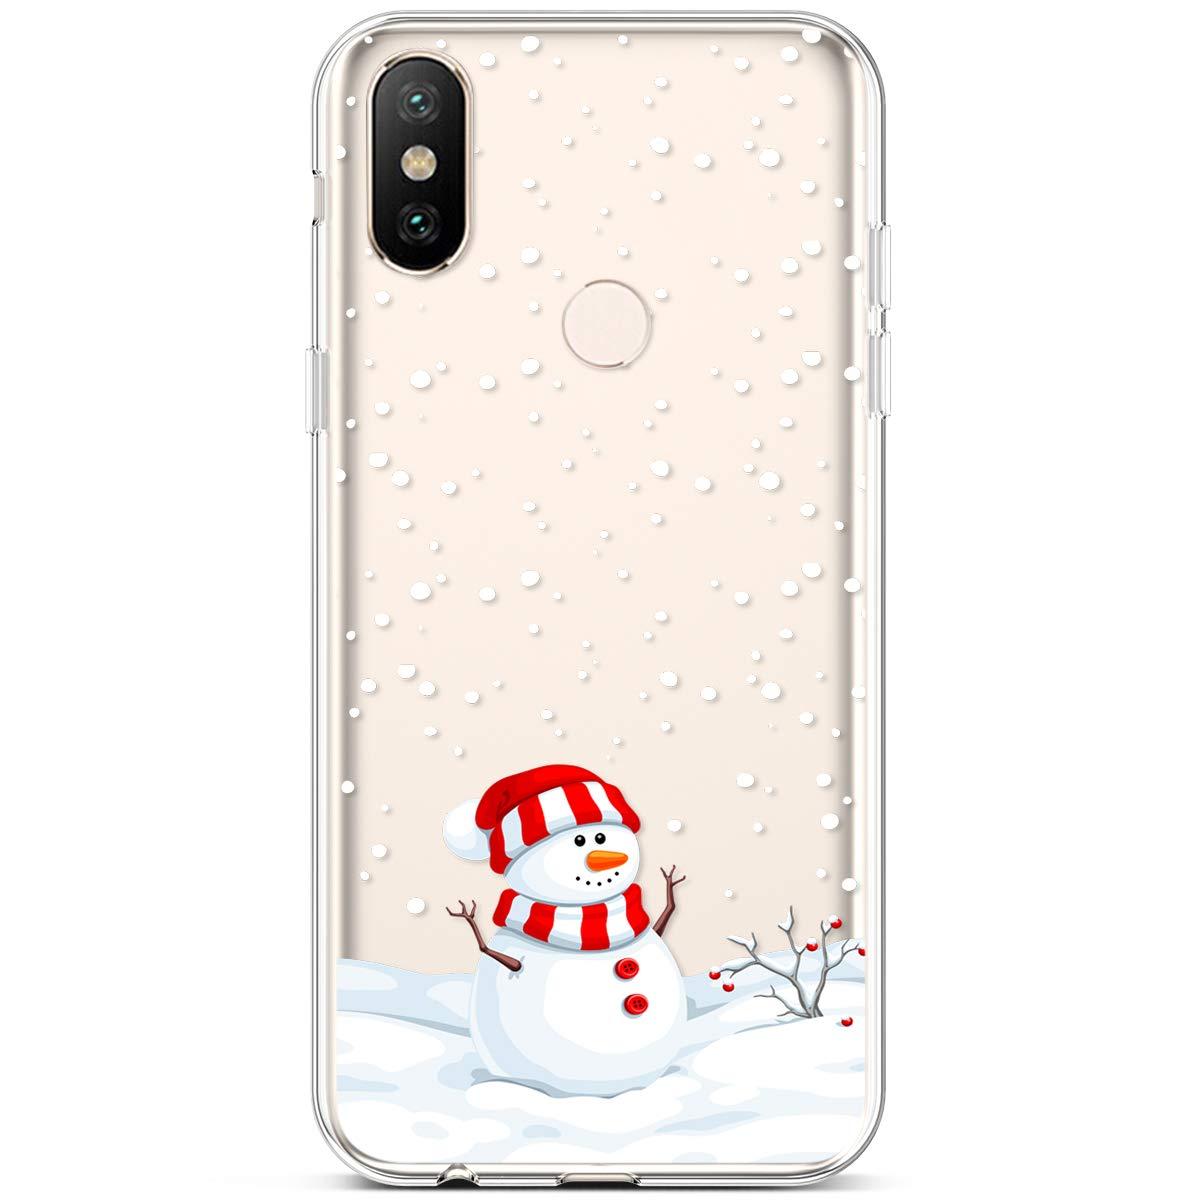 Hpory Kompatibel mit Xiaomi Mi 8 H/ülle 1 x Hpory Stylus Handyh/ülle Xiaomi Mi 8 Bunte Muster Weiche TPU Silikon Transparent Bumper Schale Kratzfest Case Tasche Etui Schutzh/ülle Hase Bl/üten